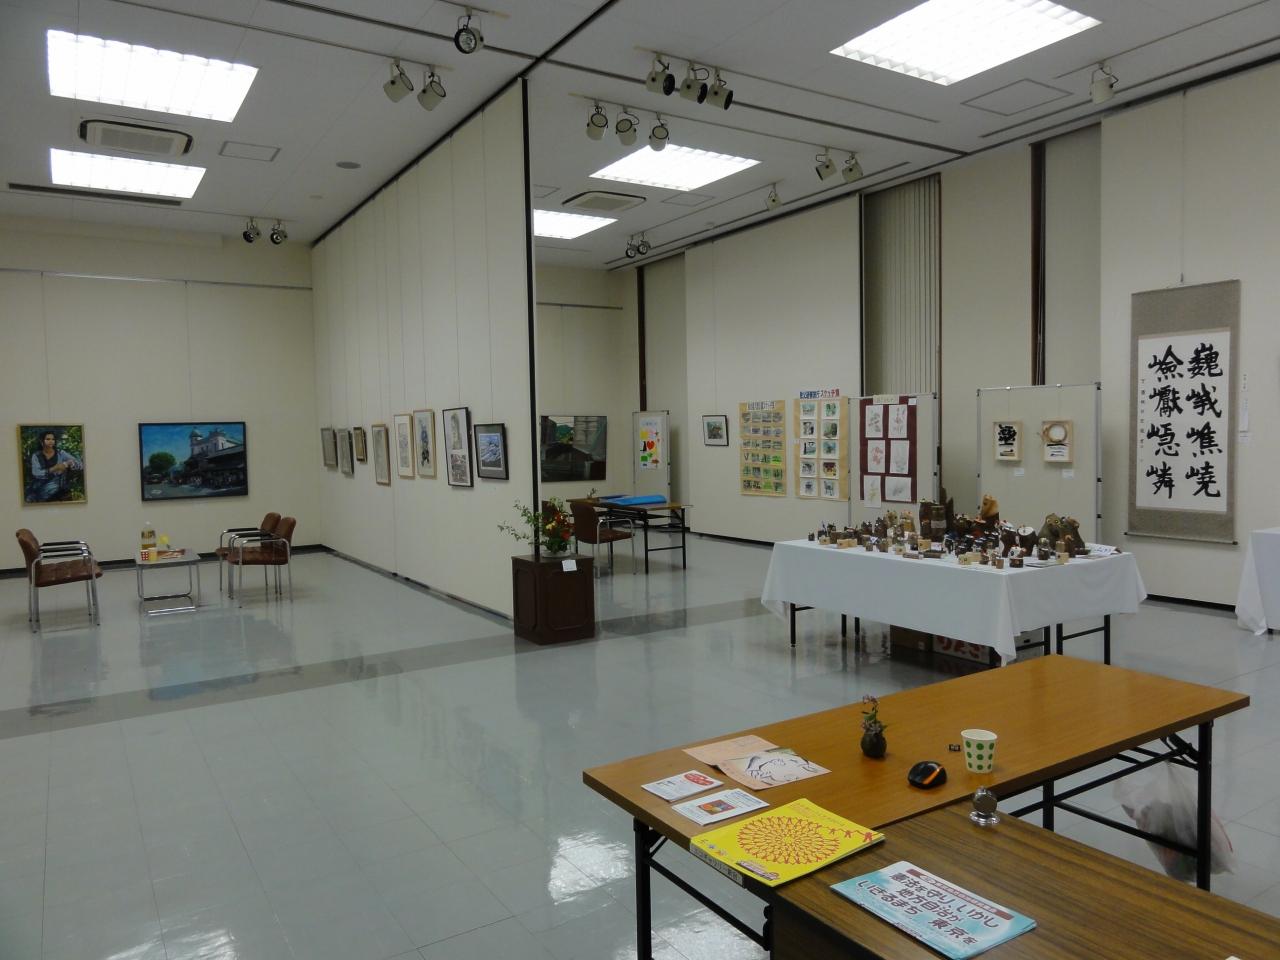 第7回 建築ネット文化・美術展